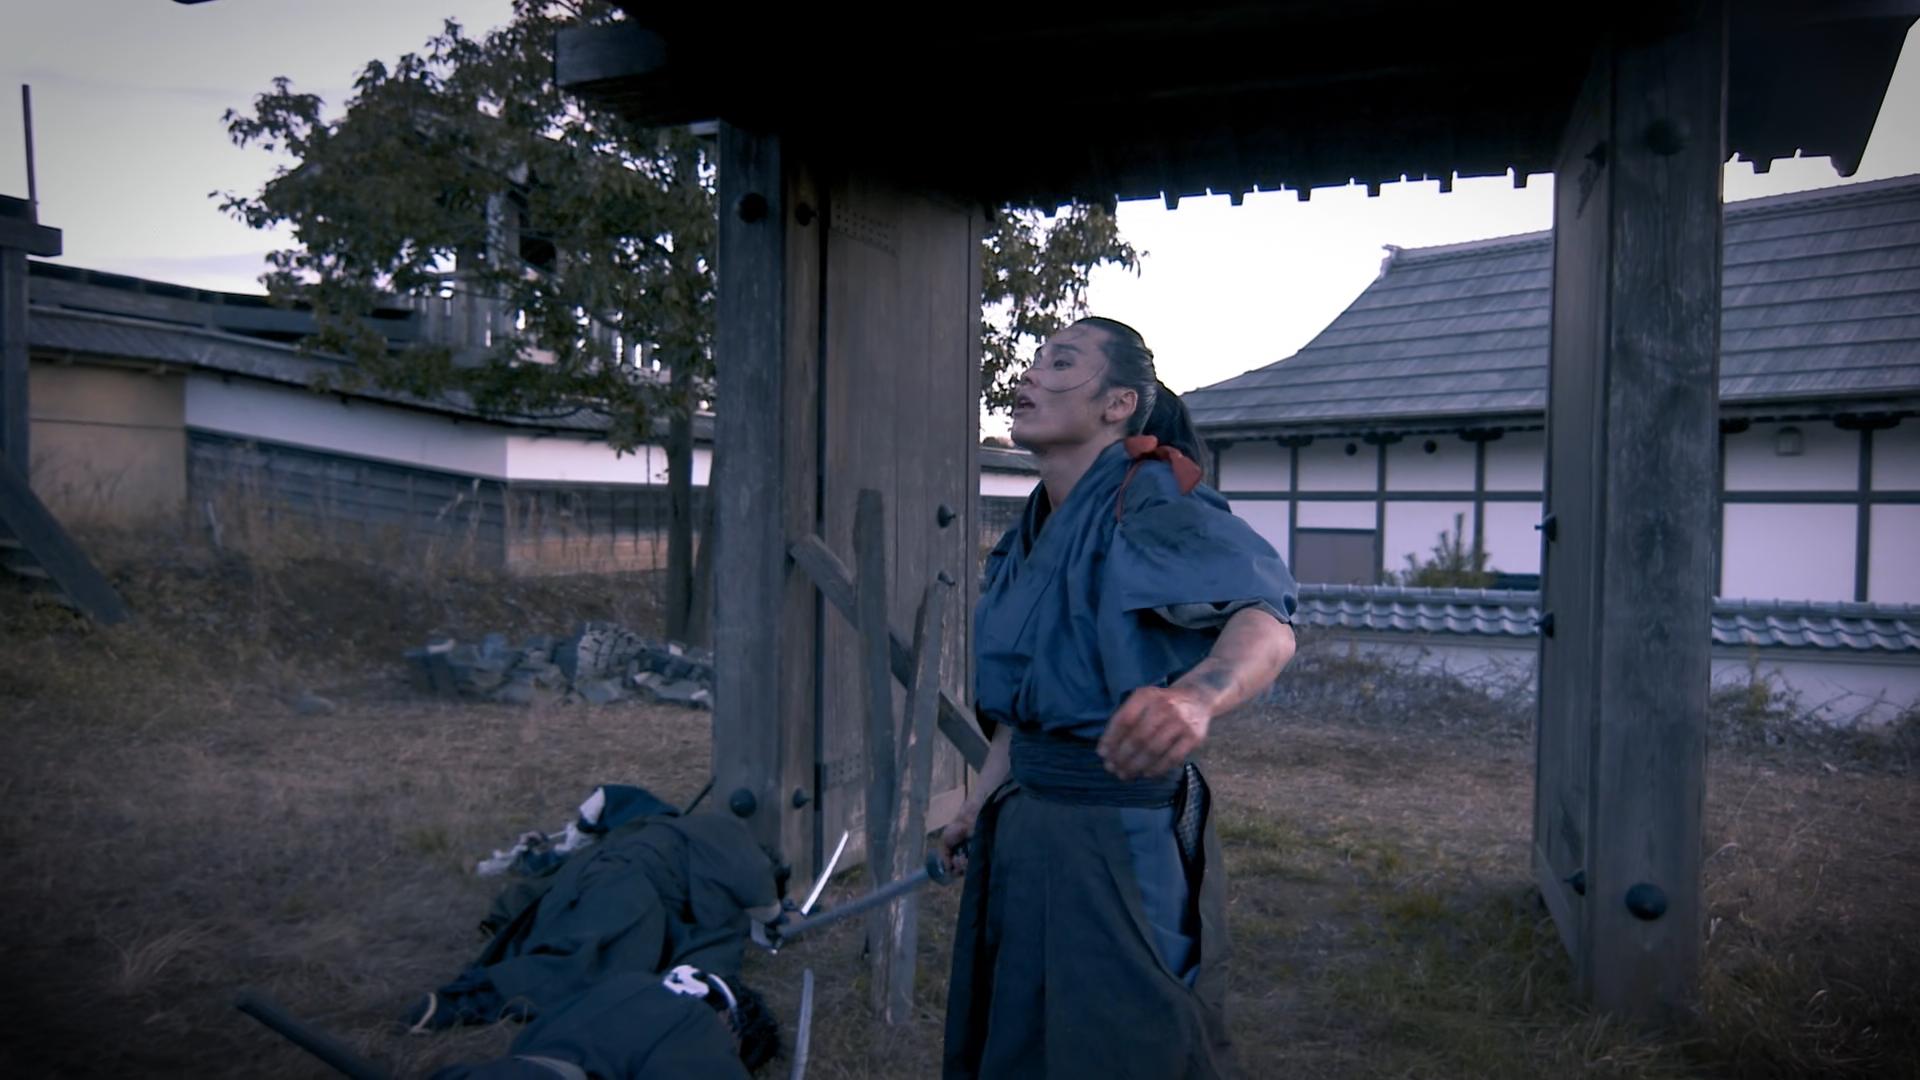 悠悠MP4_MP4电影下载_[狂武藏][BD-MKV/11.49 GB][中文字幕][1080p][讲述的是宫本武藏和兵法名宿吉冈家族对决的故事 ]